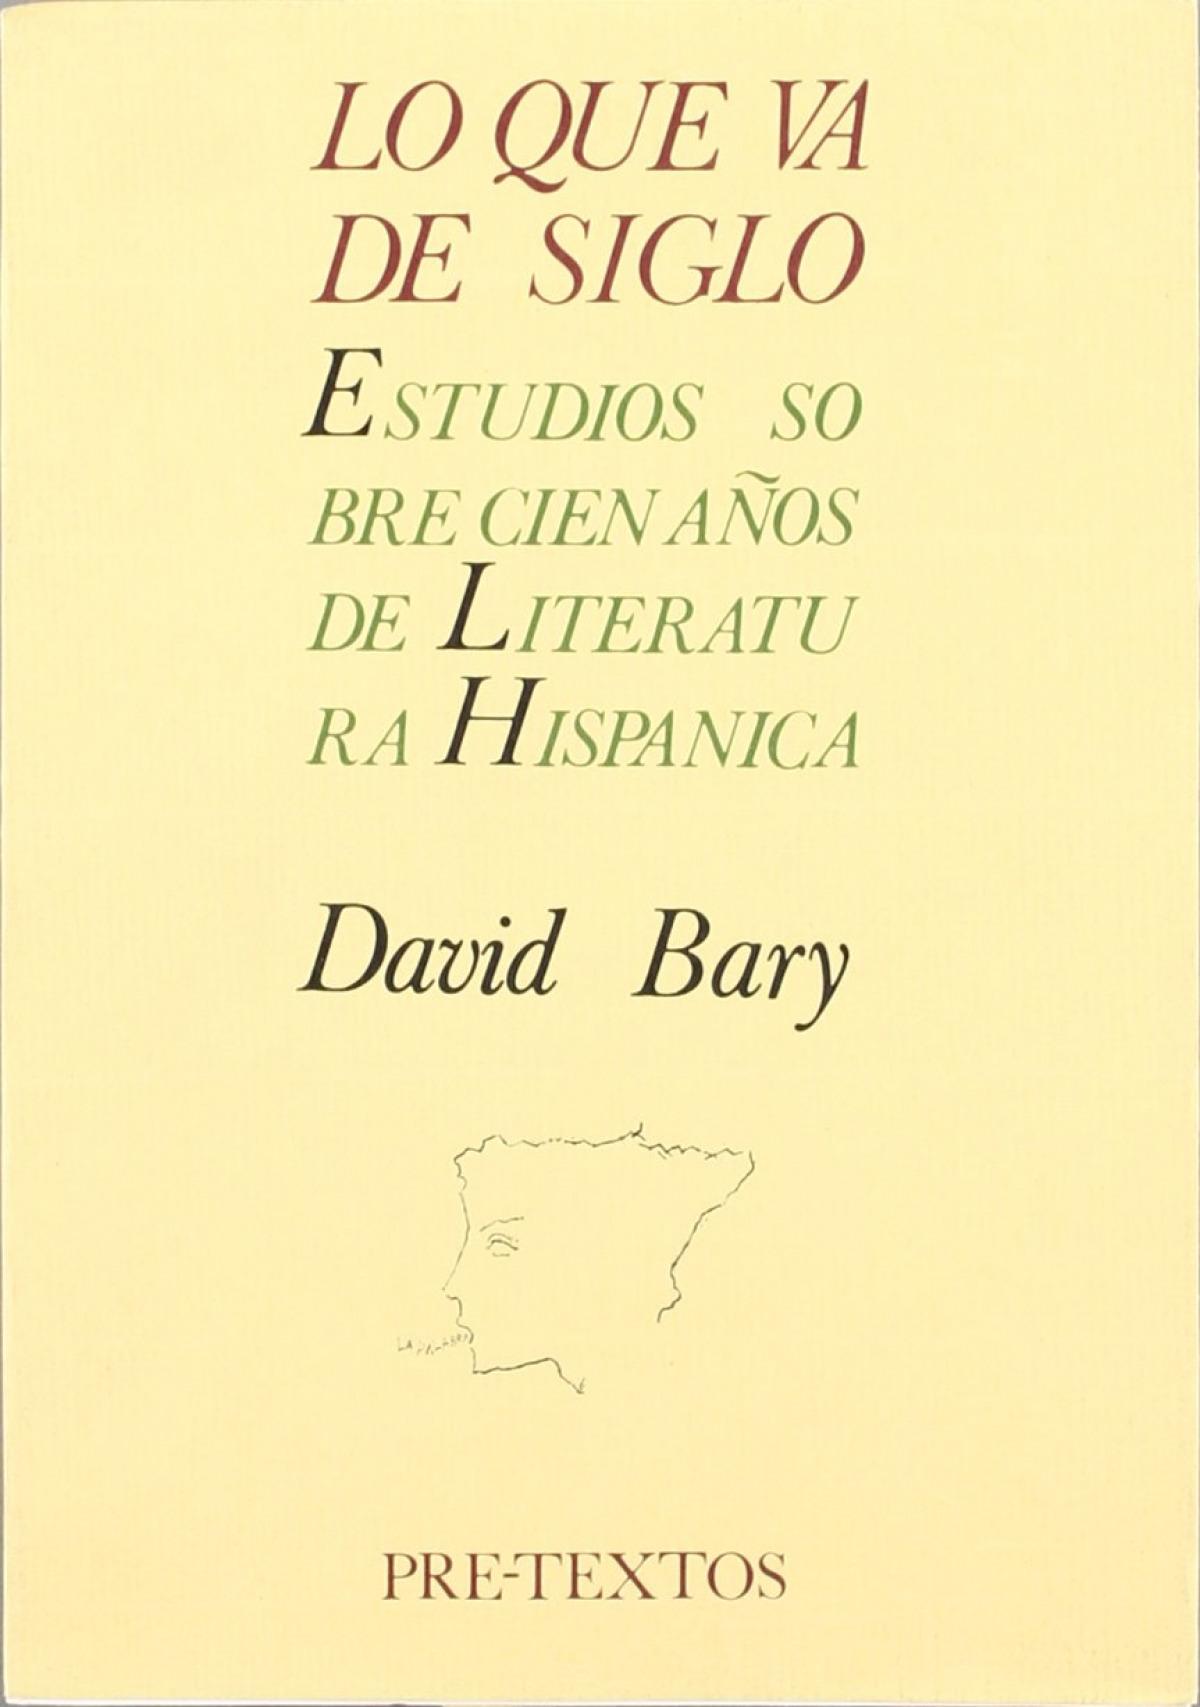 Lo que va de siglo: Estudios sobre cien años de literatura hispán